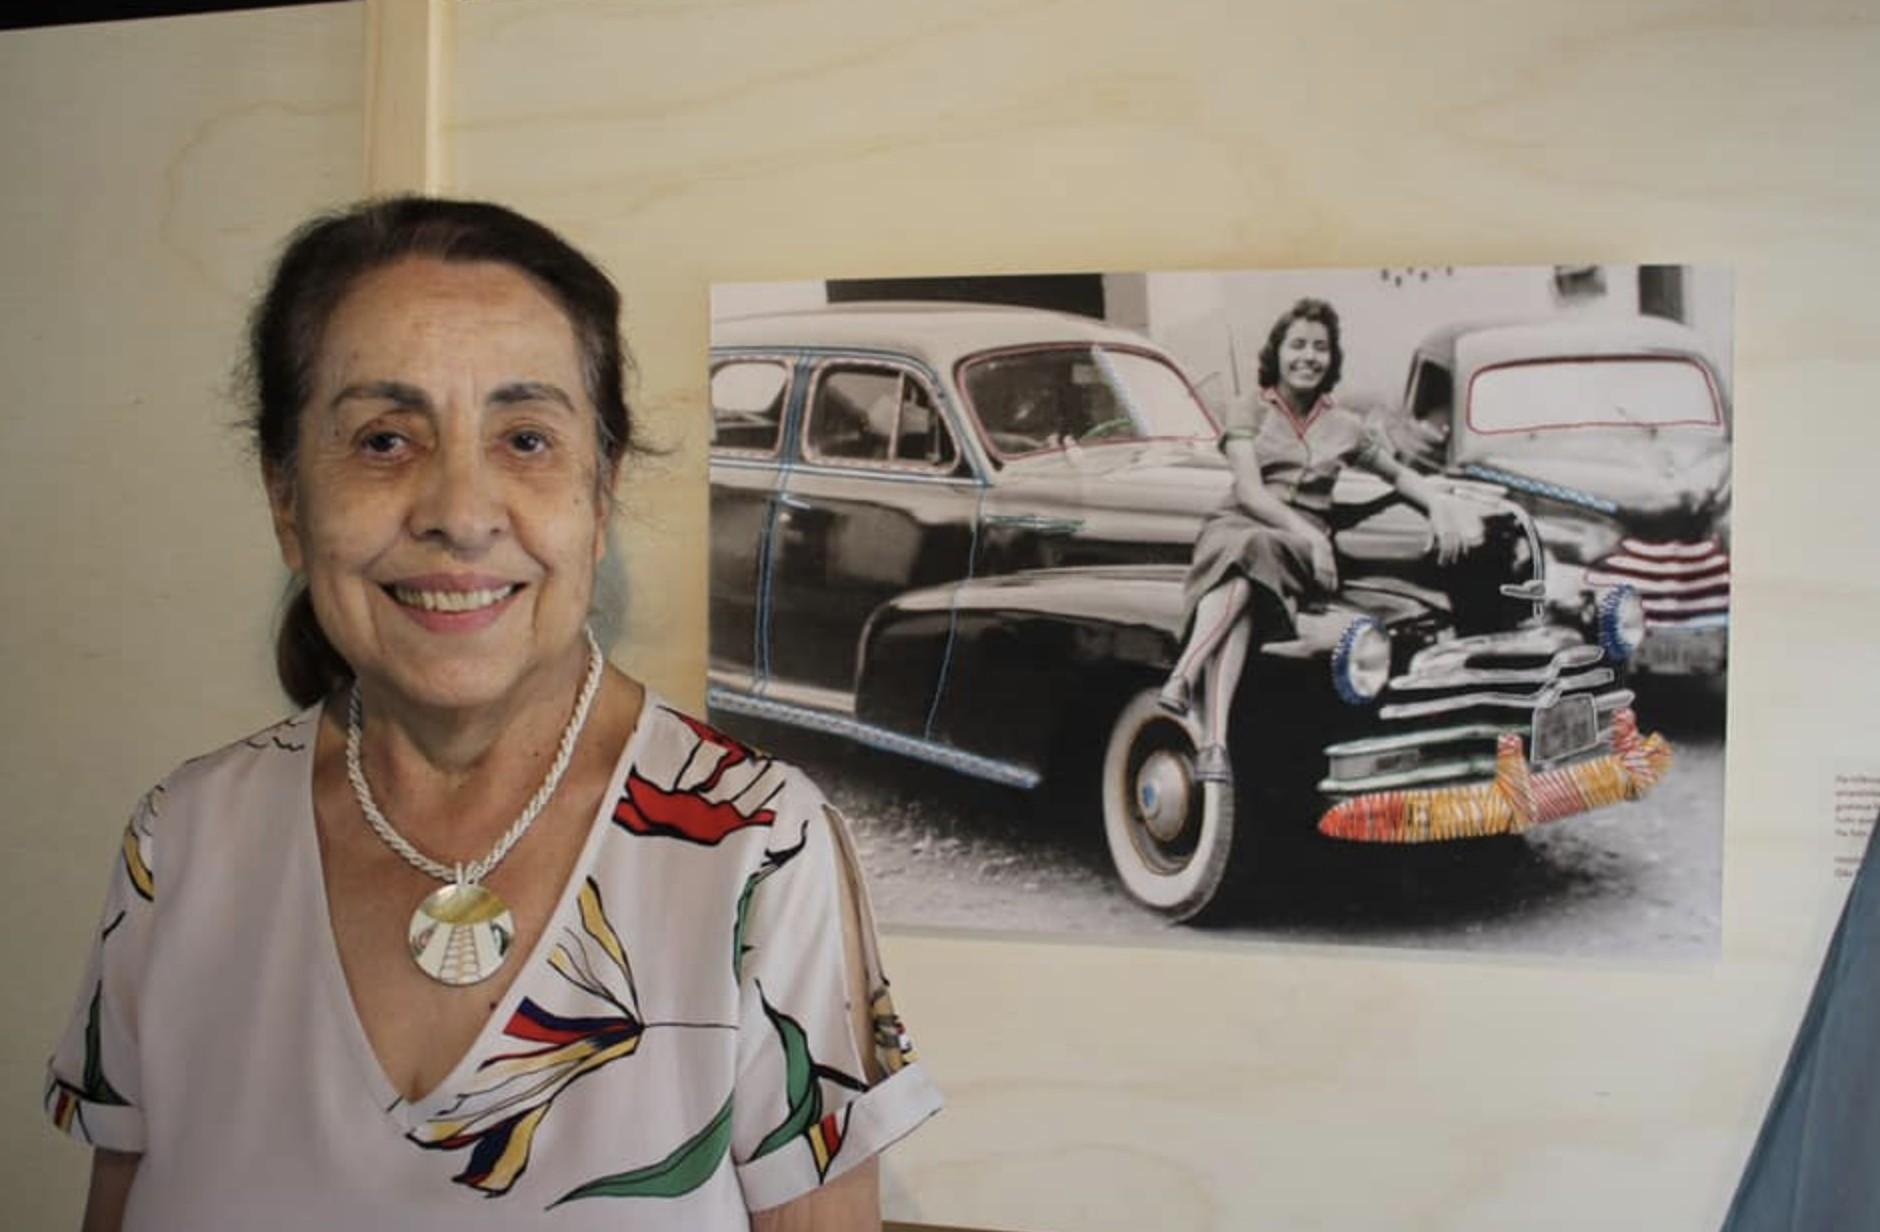 Brasileiras e brasileiras podem compartilhar suas histórias no Museu da Pessoa, em São Paulo (Foto: Facebook/ Museu da Pessoa)